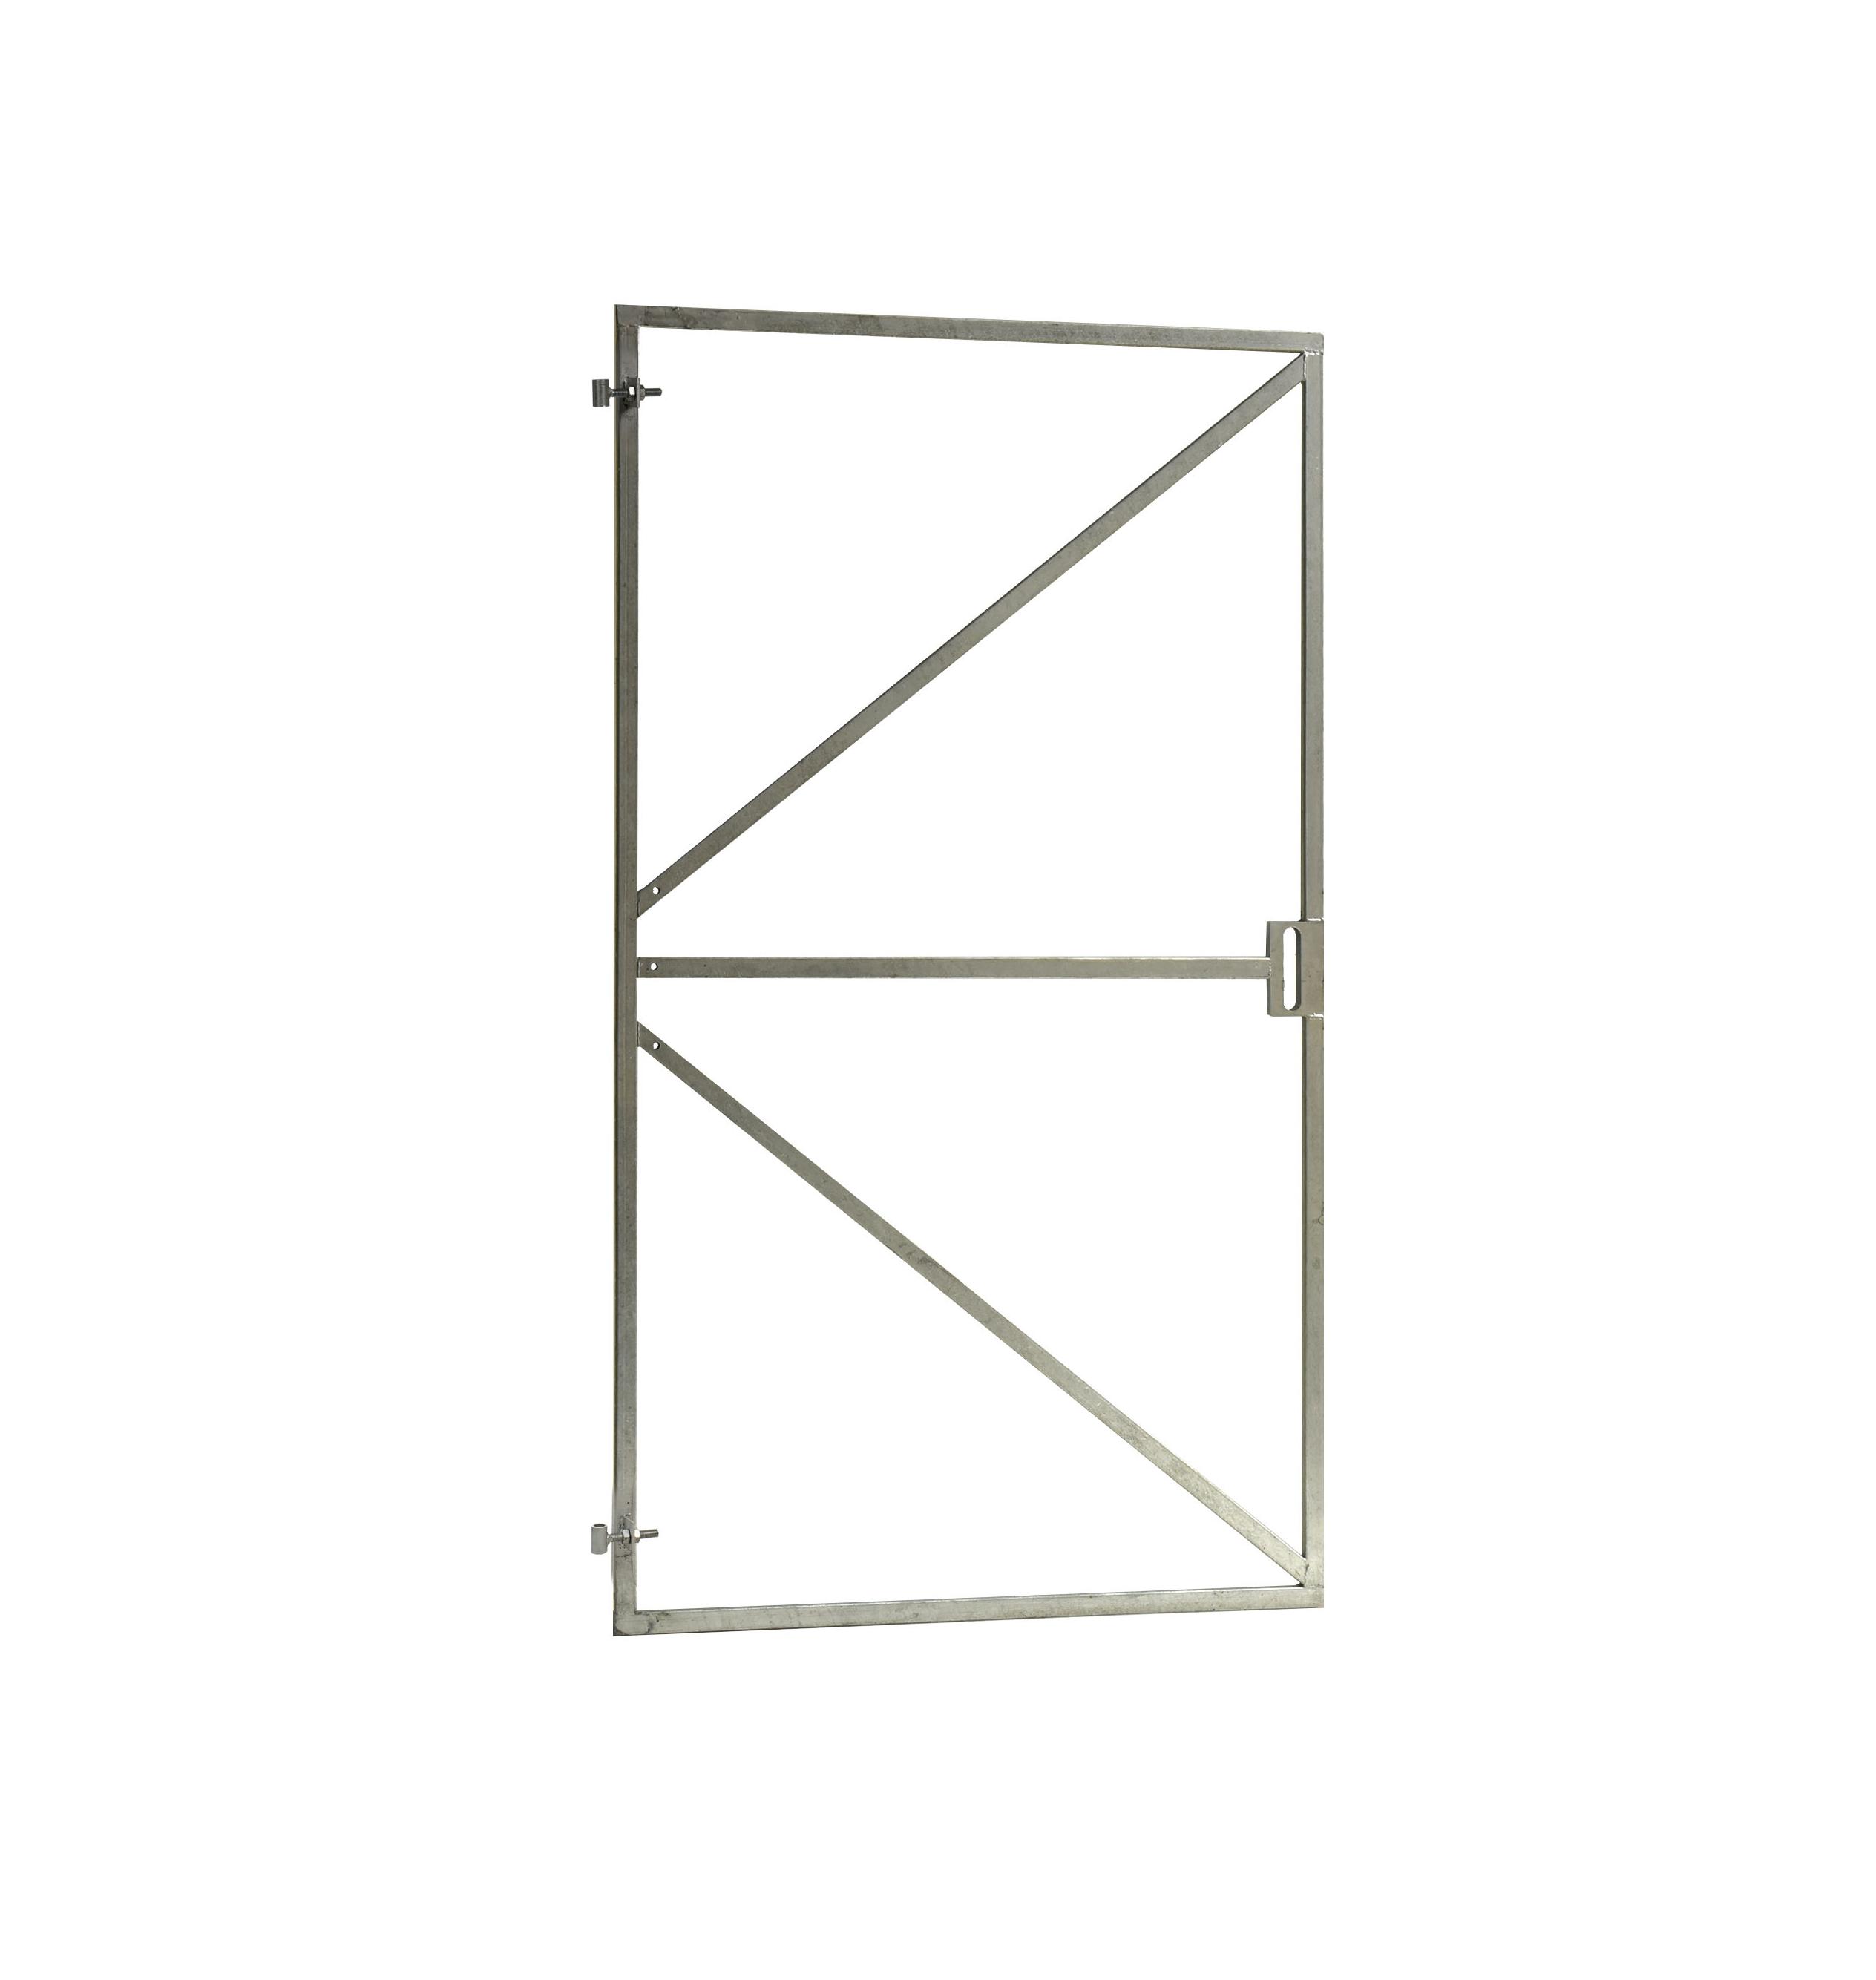 Verstelbaar poortframe met lage slotkast | 90 x 155 cm | Vuurverzinkt